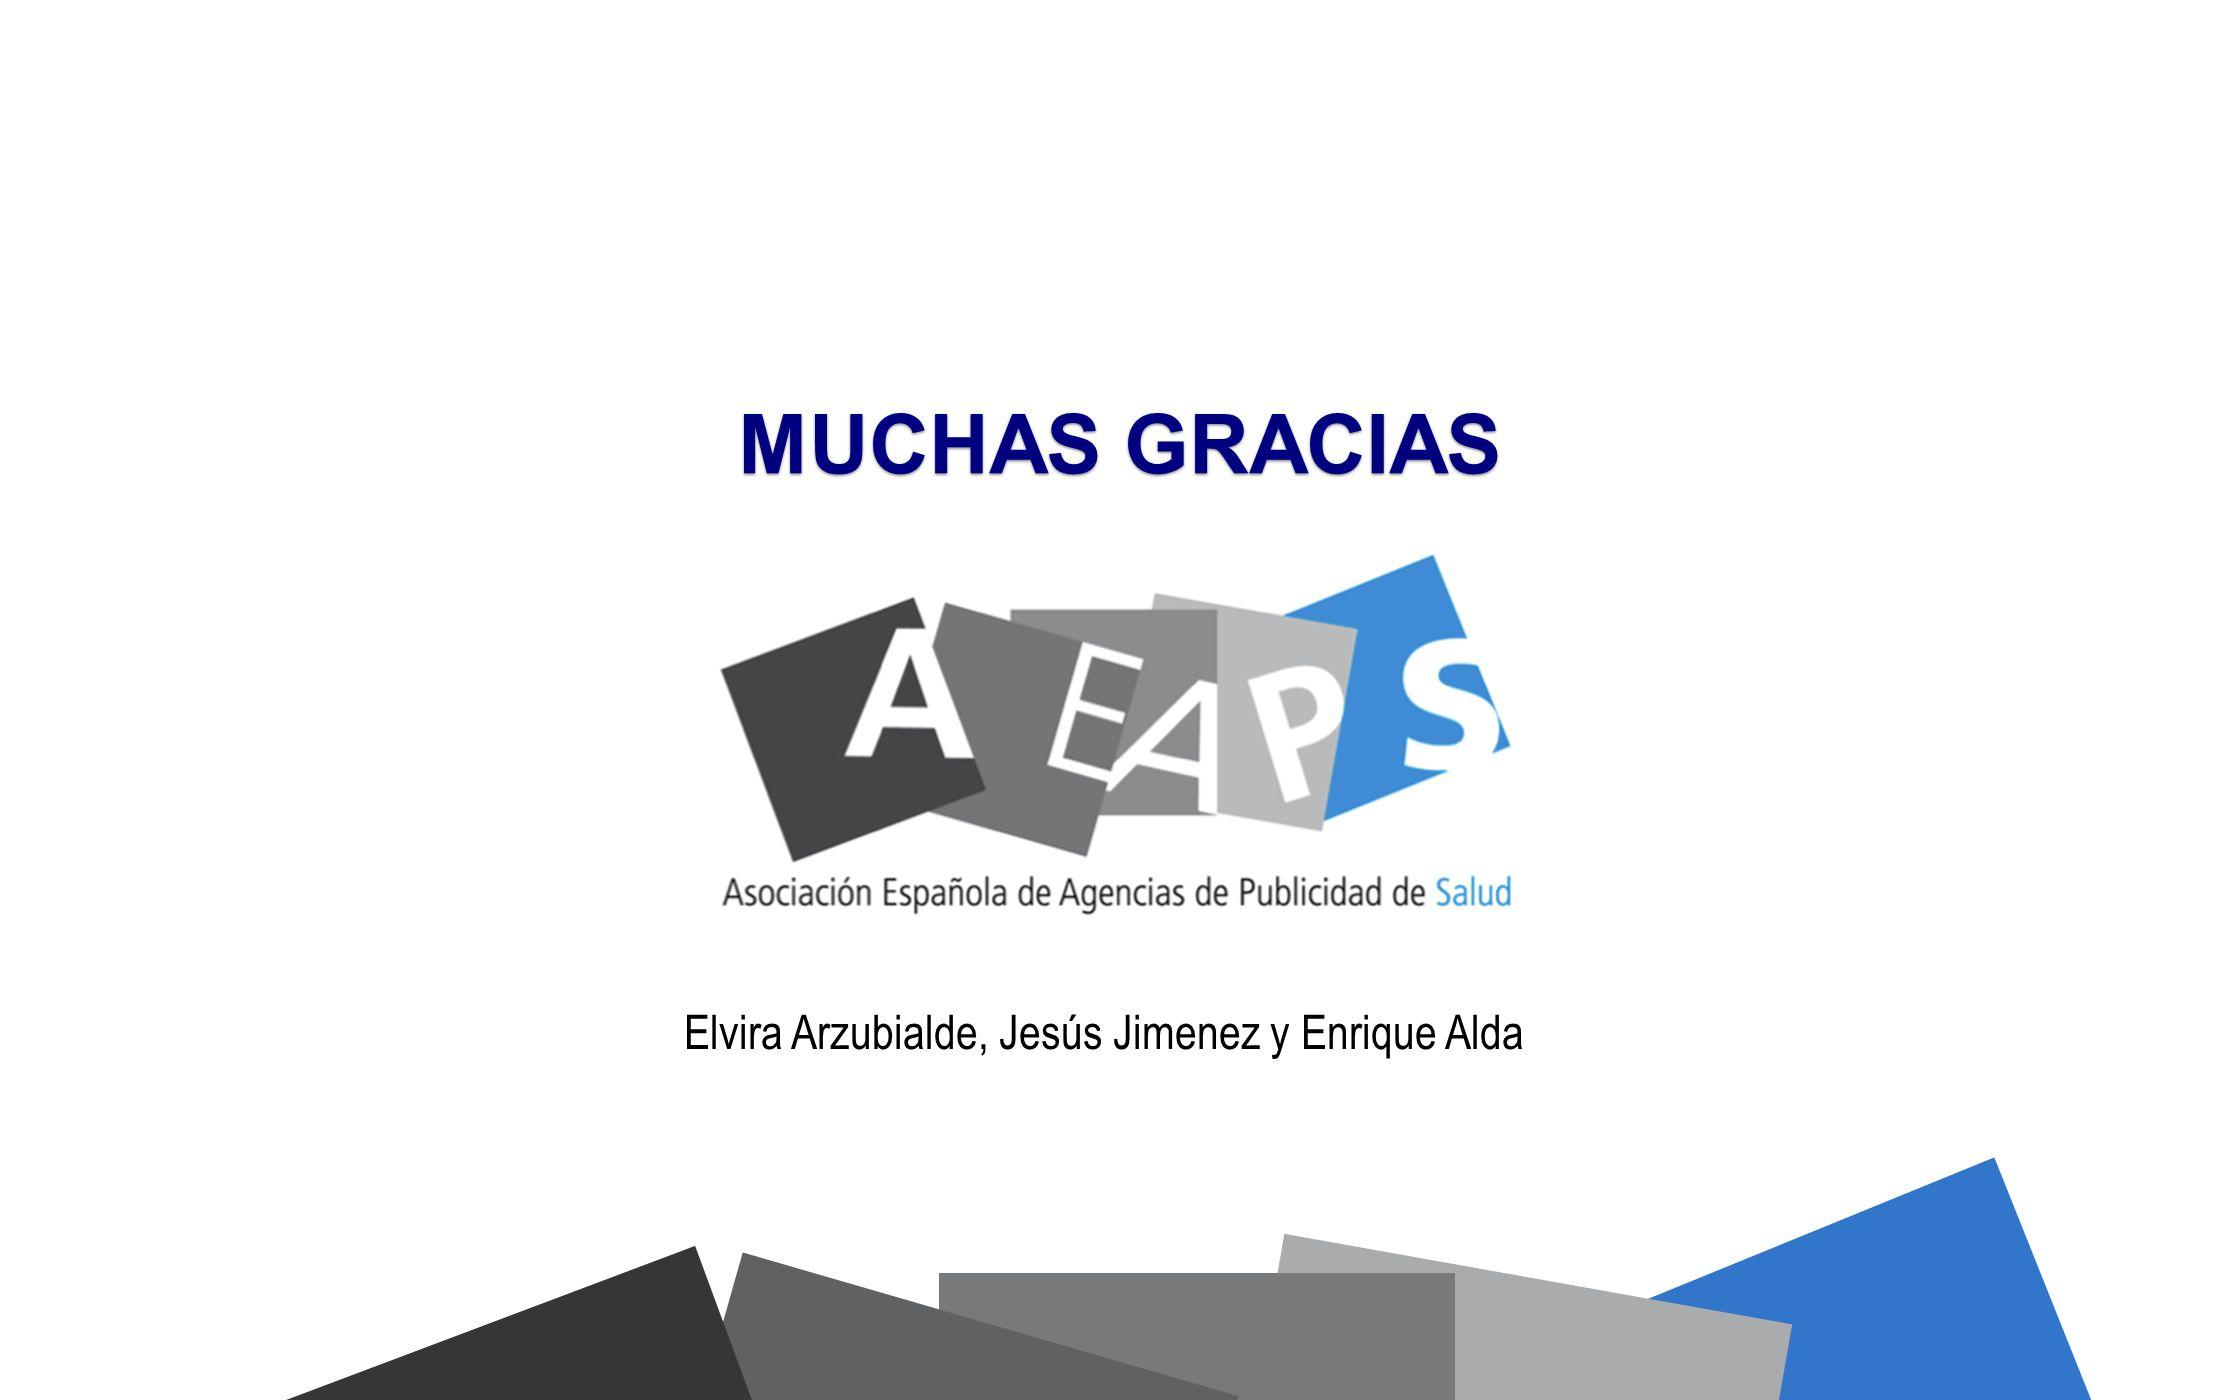 Elvira Arzubialde, Jesús Jimenez y Enrique Alda